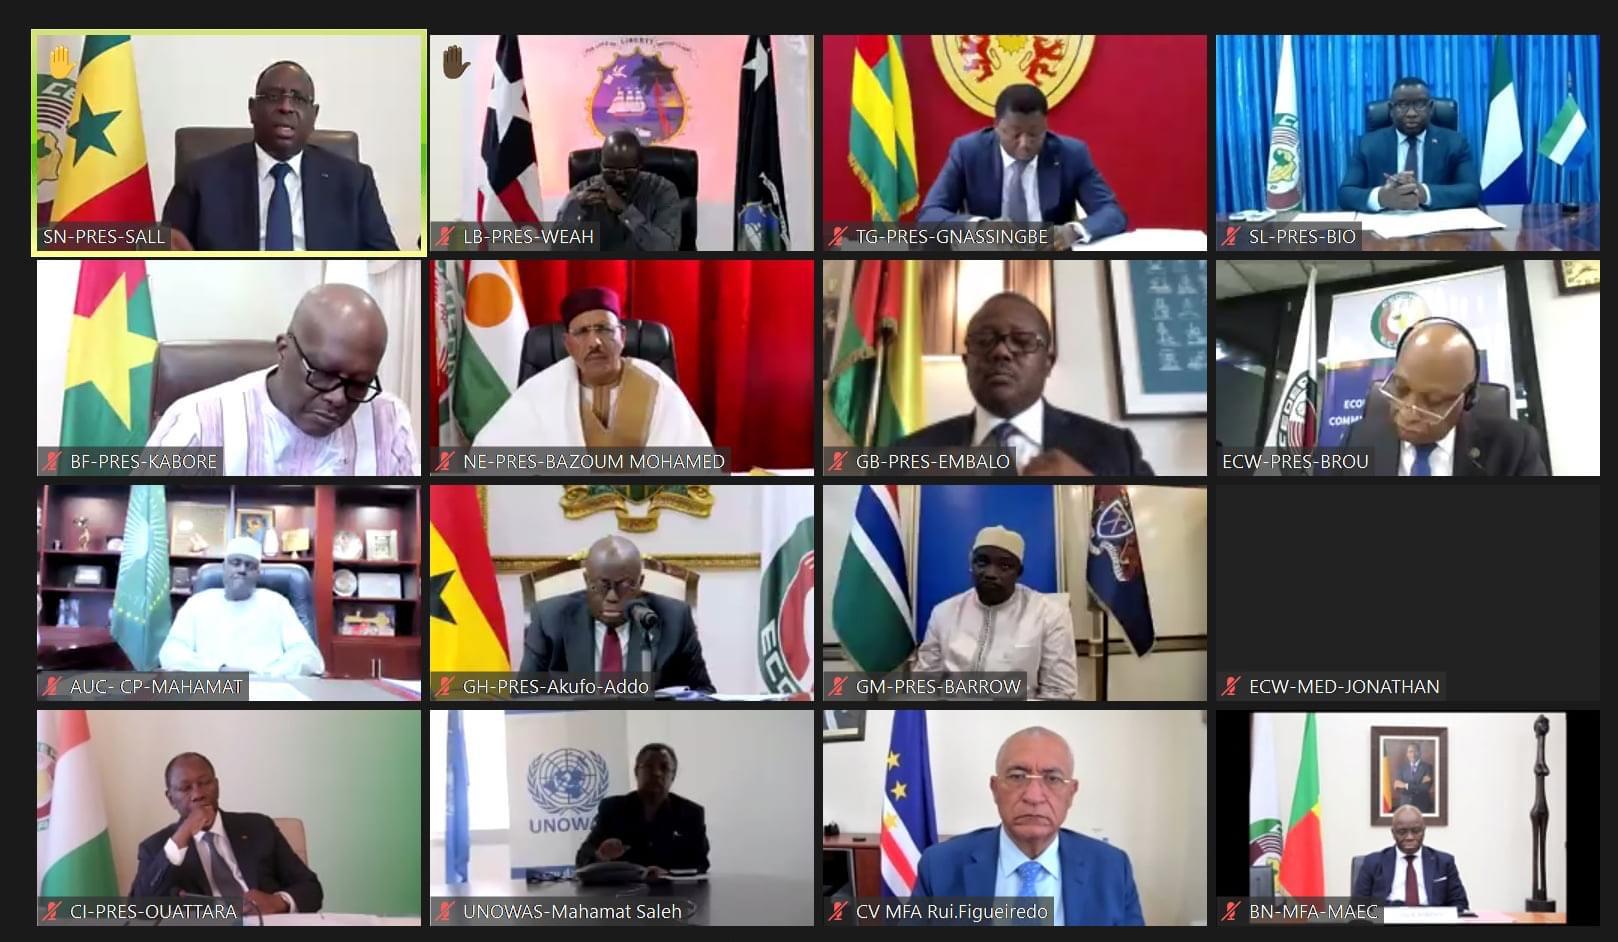 Réunion de crise sur la situation en Guinée : La CEDEAO suspend le pays de ses instances et invite à libérer le président Condé.